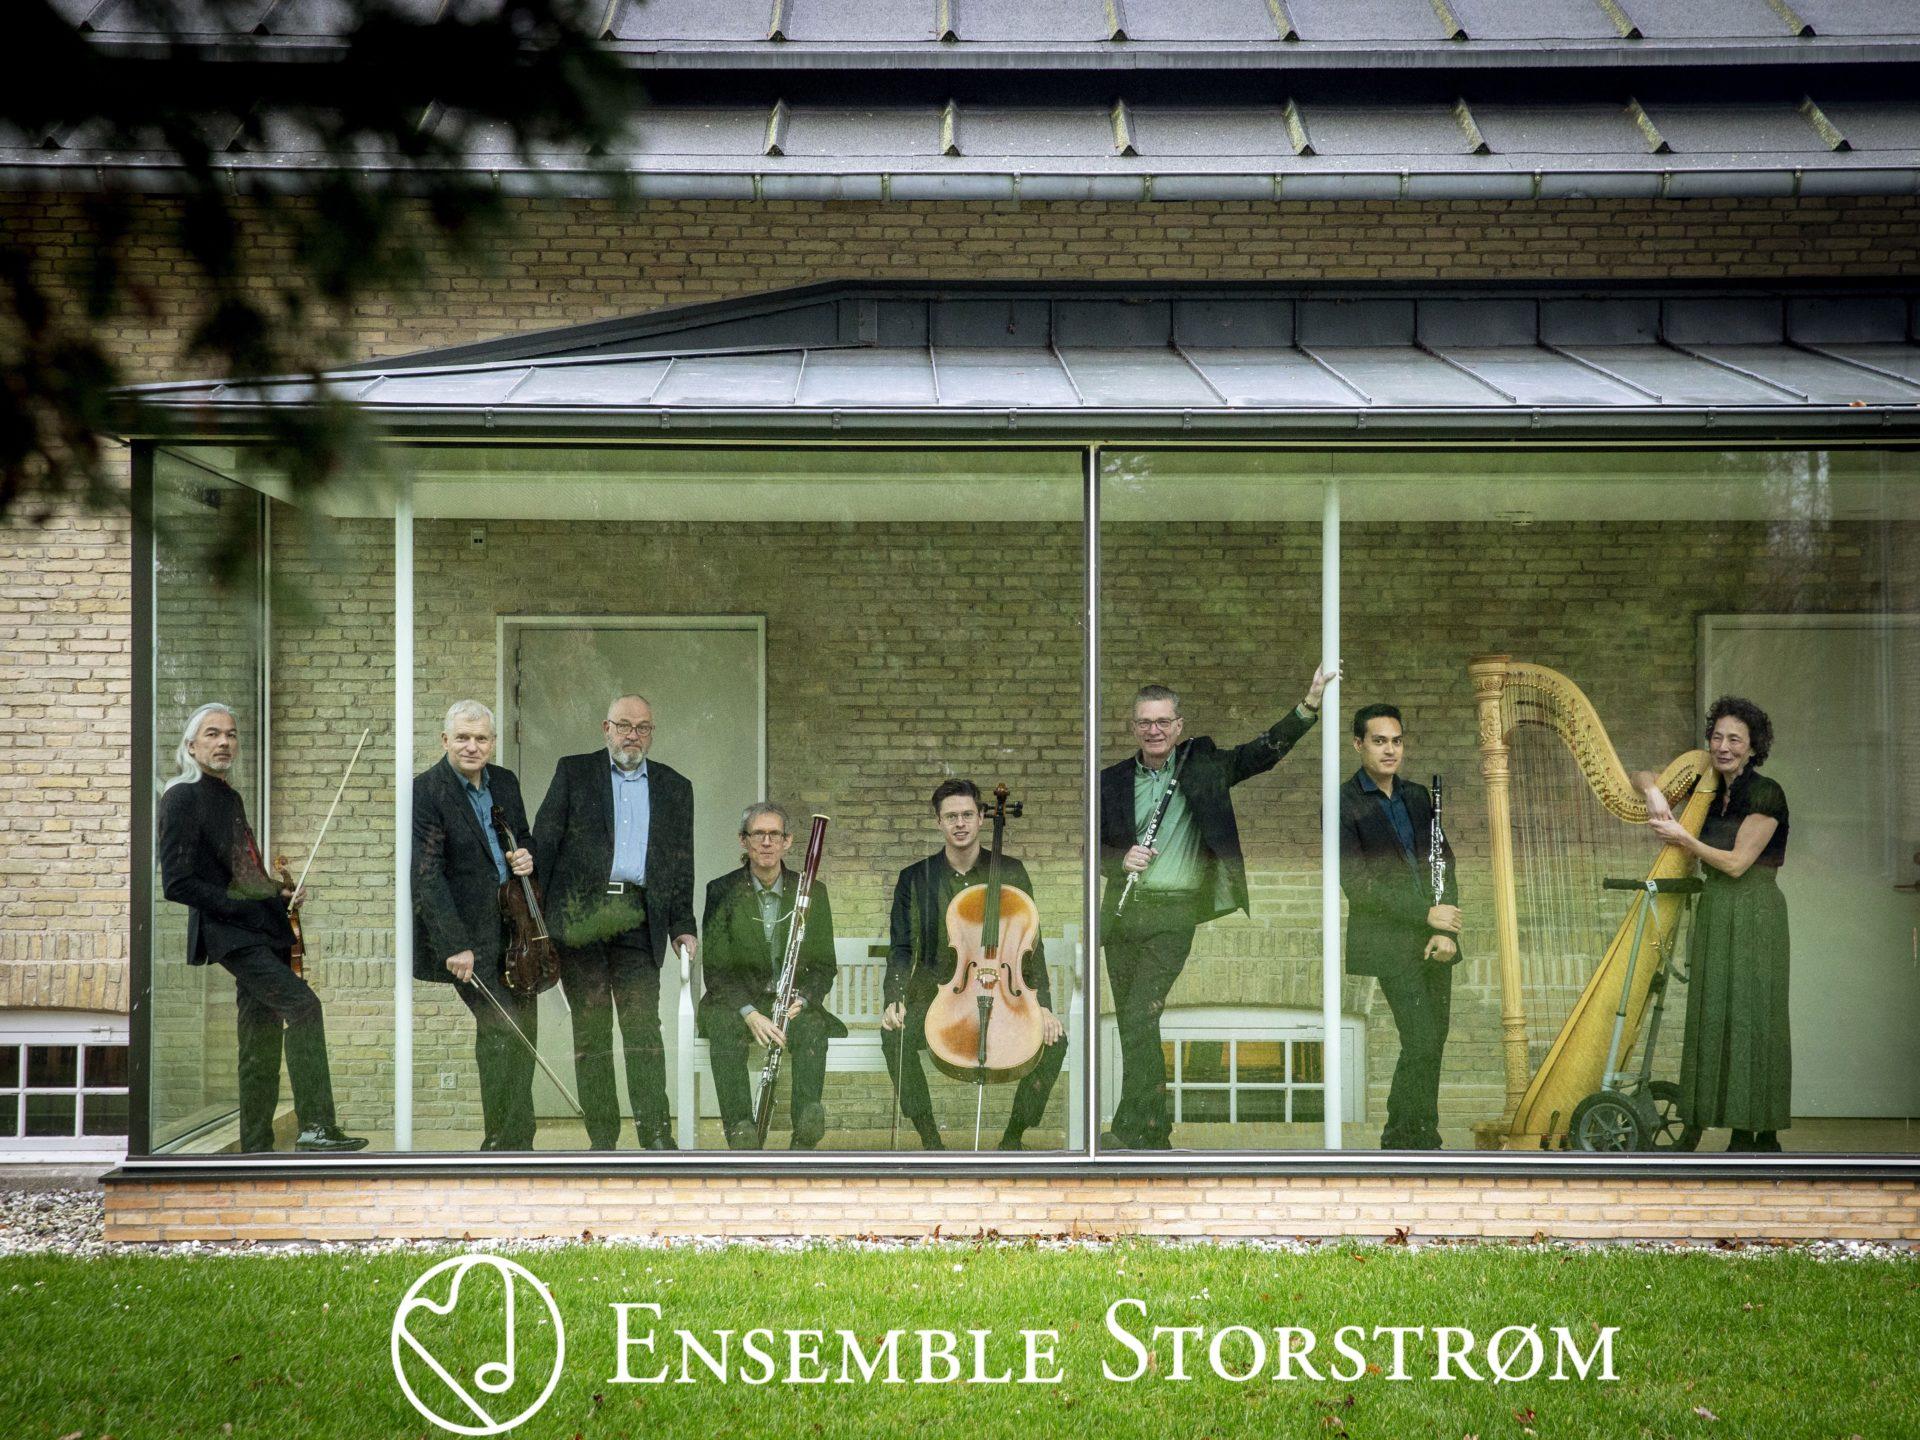 Ensemble Storstrøm